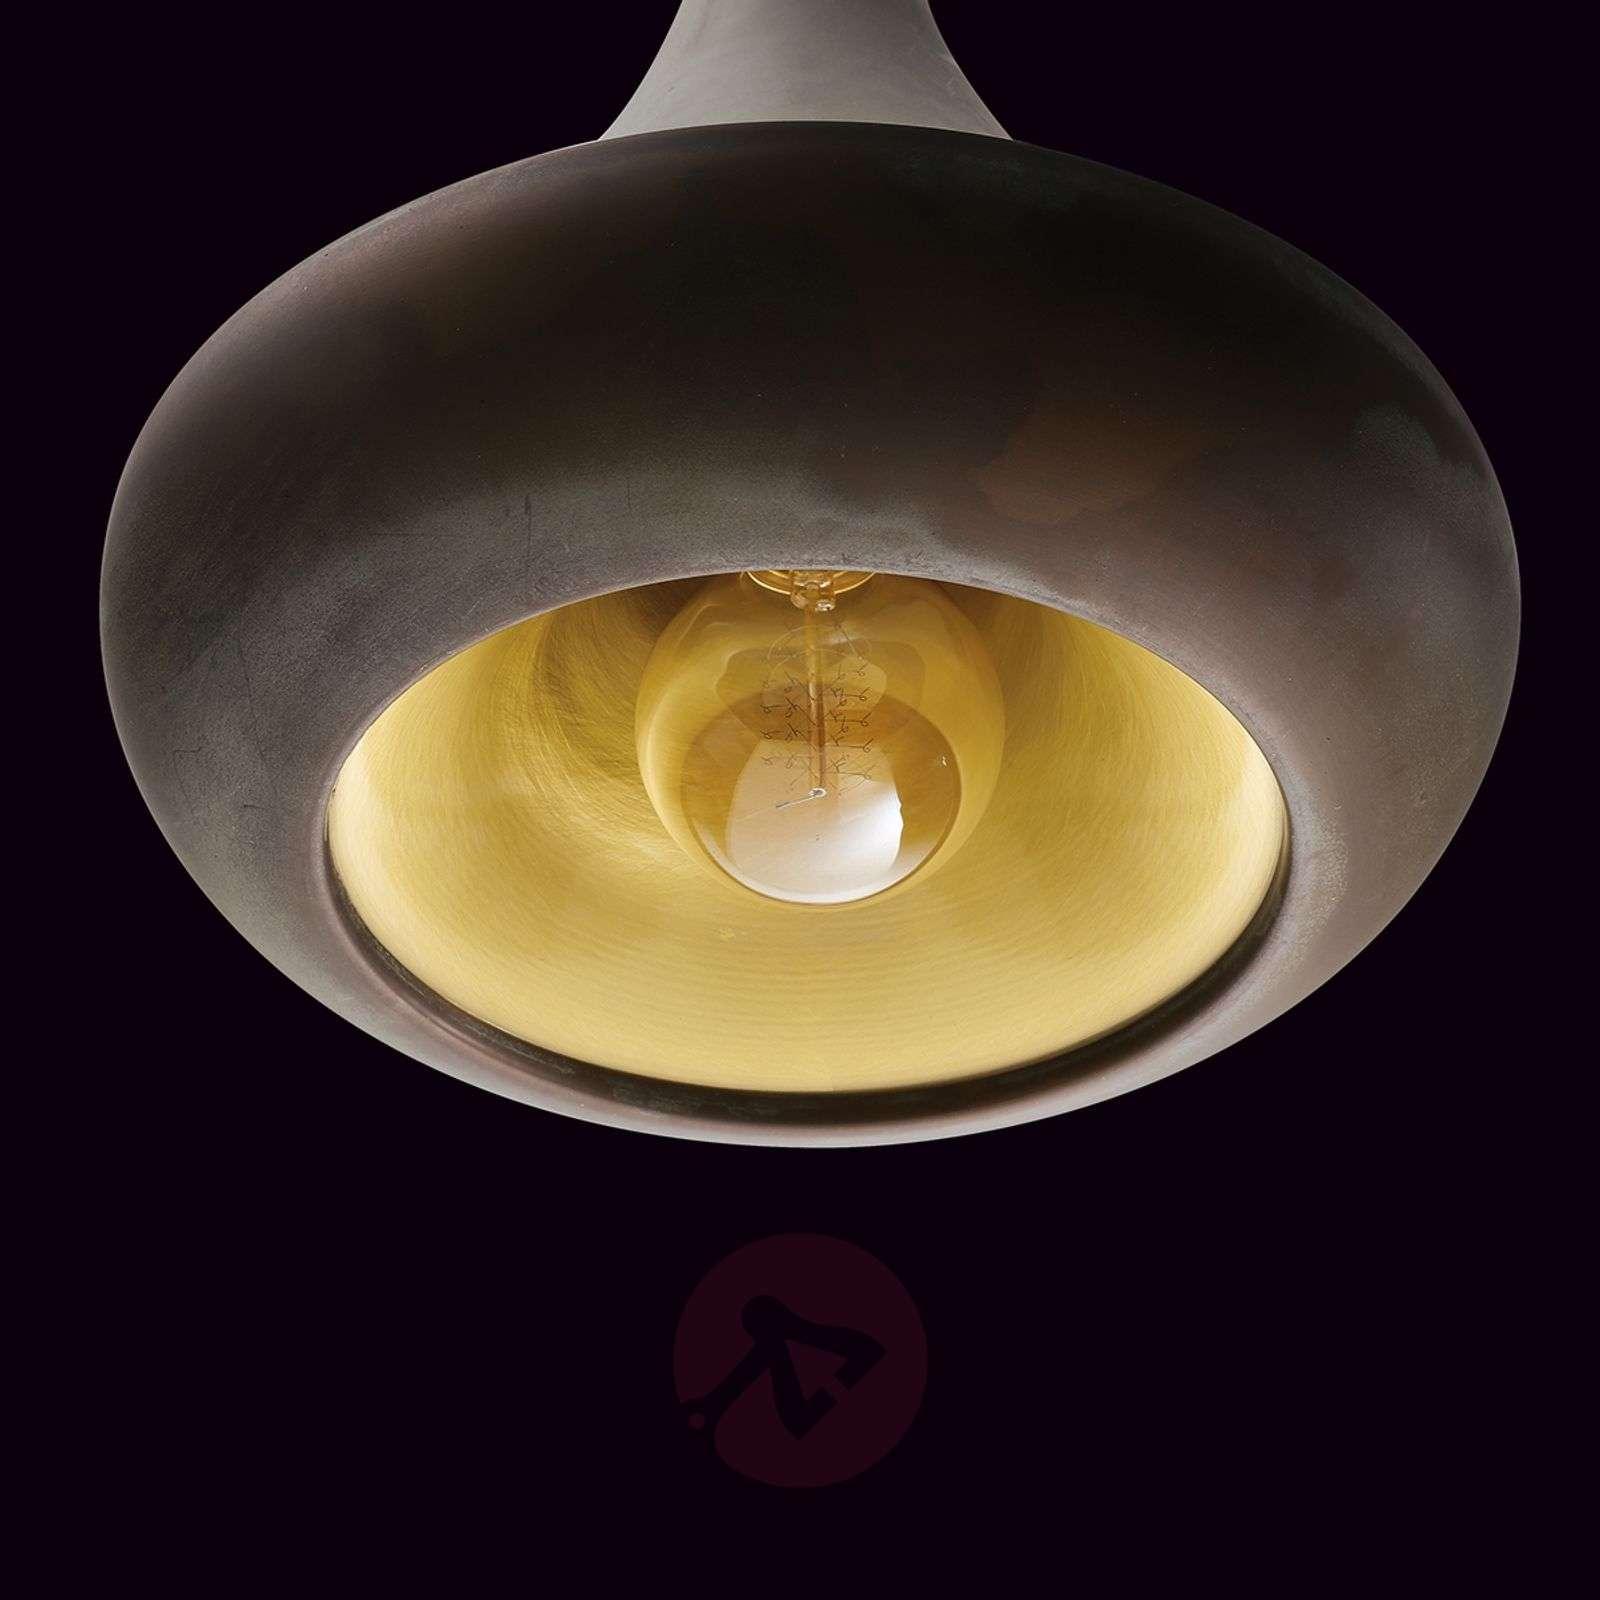 Abbe wall light with stylish brass finish-6515313-01